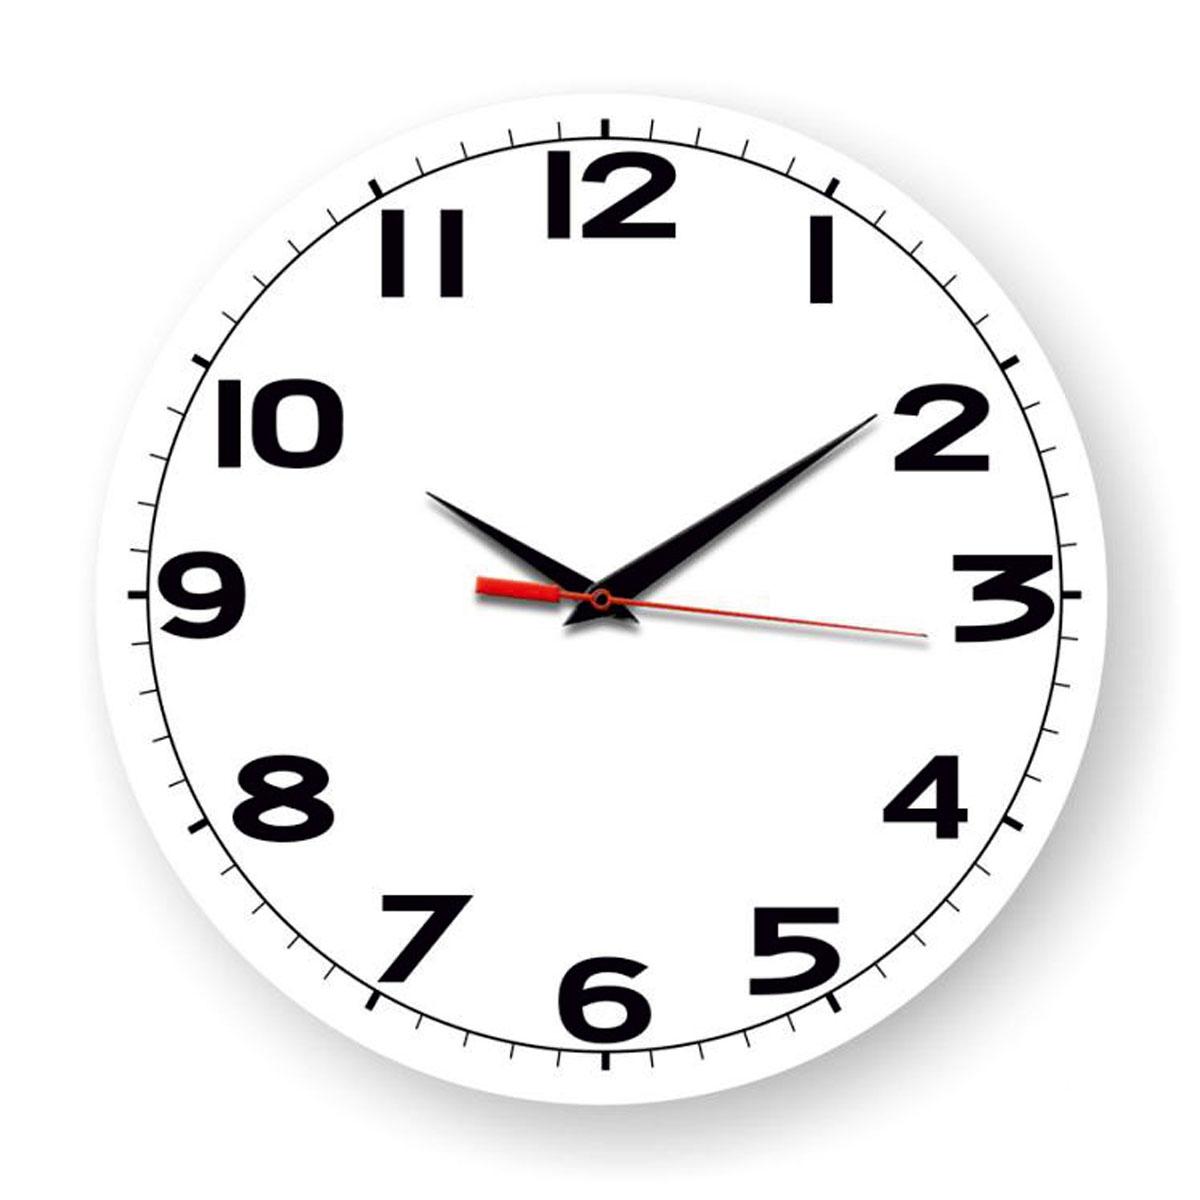 Часы настенные Miolla Дети, цвет: черный, белыйСК011 2905Оригинальные настенные часы круглой формы выполнены из закаленного стекла. Часы имеют три стрелки - часовую, минутную и секундную и циферблат с цифрами. Необычное дизайнерское решение и качество исполнения придутся по вкусу каждому. Диаметр часов: 28 см. Часы работают от 1 батарейки типа АА напряжением 1,5 В.